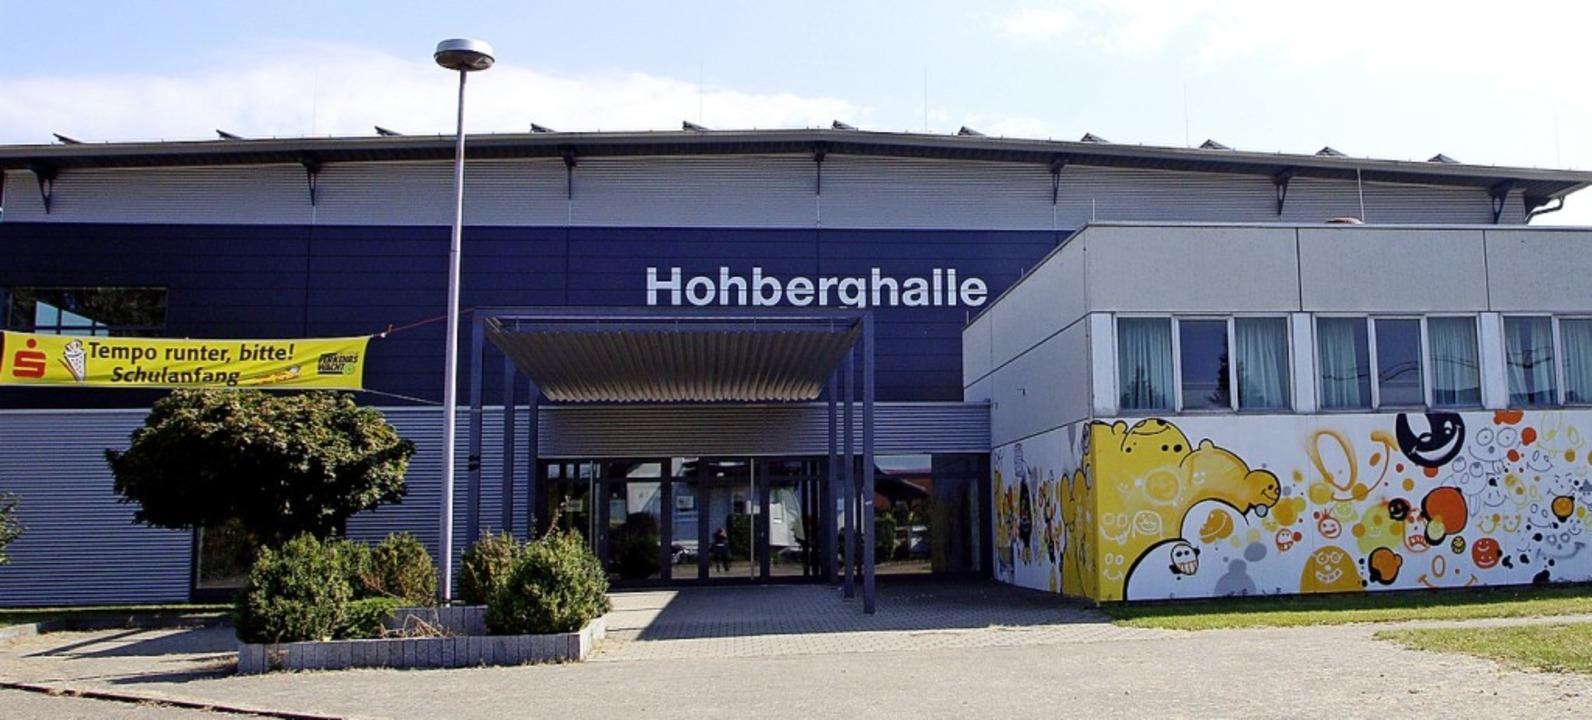 Die Hohberghalle soll erweitert werden.   | Foto: Heidi Fössel